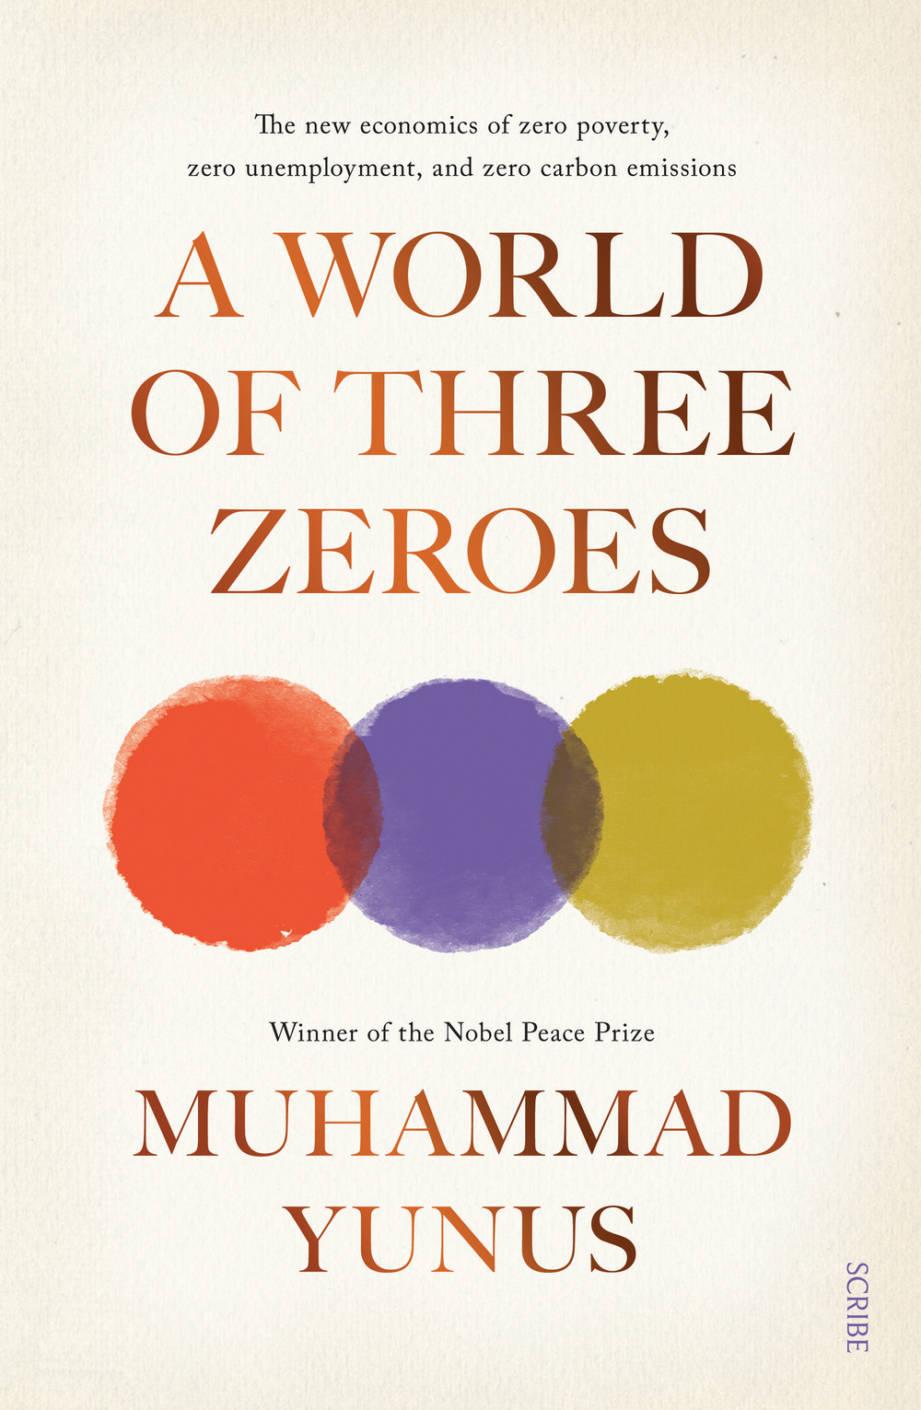 A World of Three Zeroes: the new economics of zero poverty, zero unemployment, and zero carbon emissions